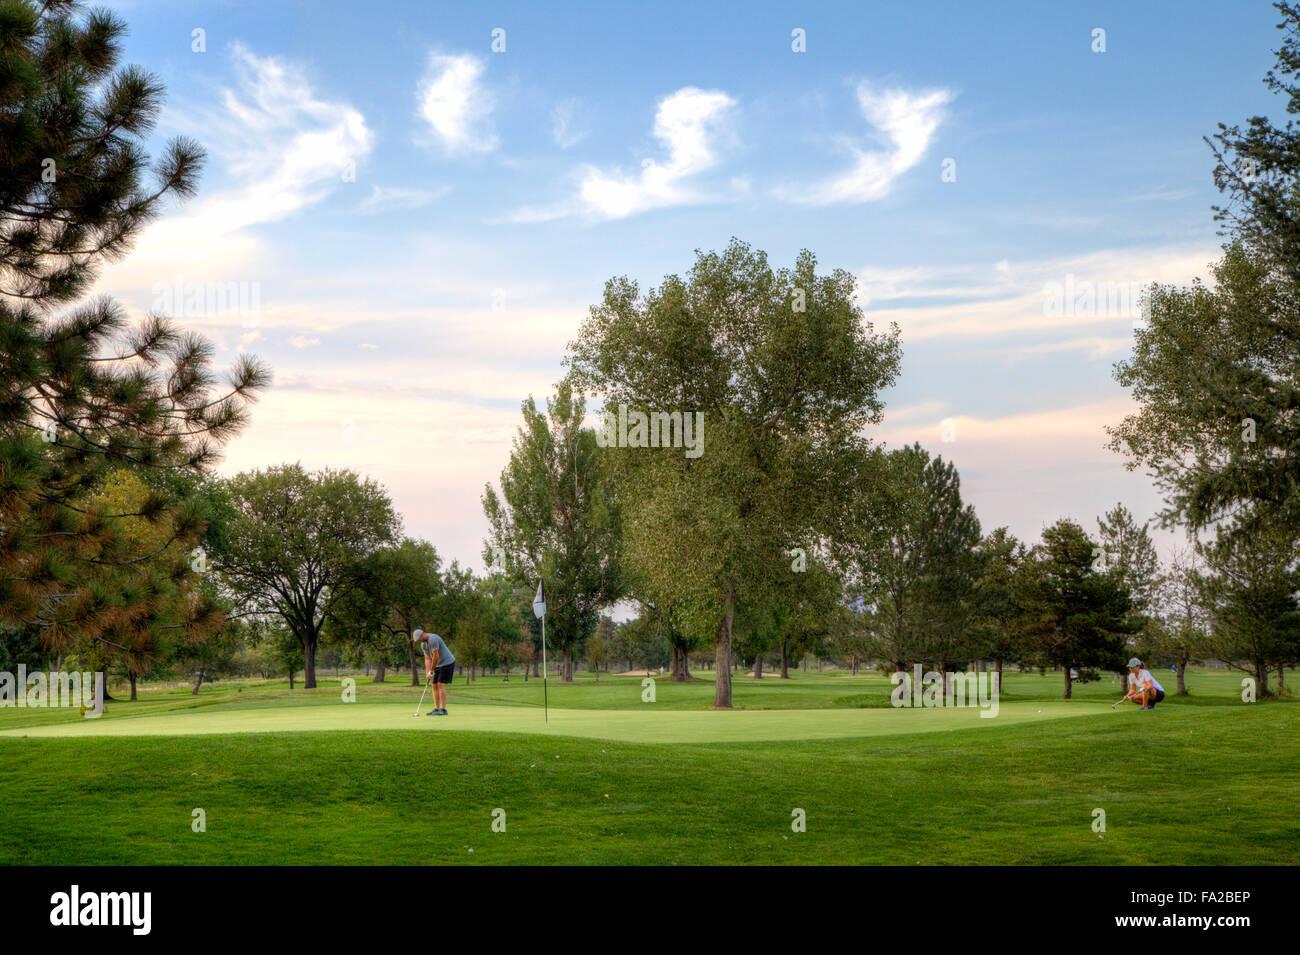 Dos jugadores jugando en un campo de golf. Imagen De Stock